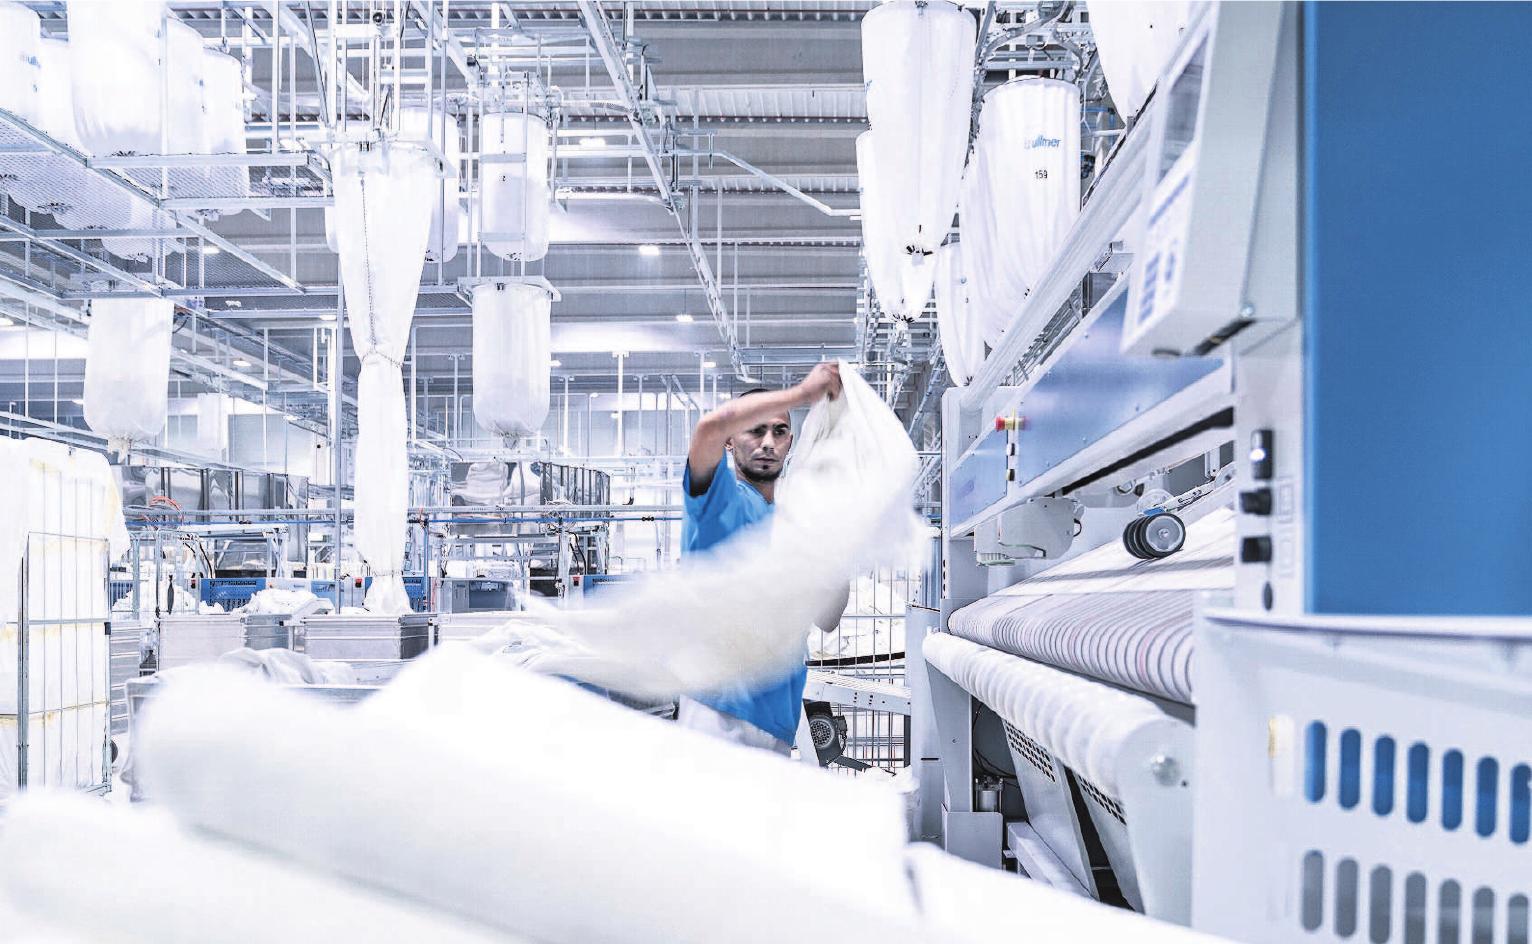 Auch, wenn viele Prozesse automatisch ablaufen, ist Handarbeit in der Wäscherei unabdingbar.